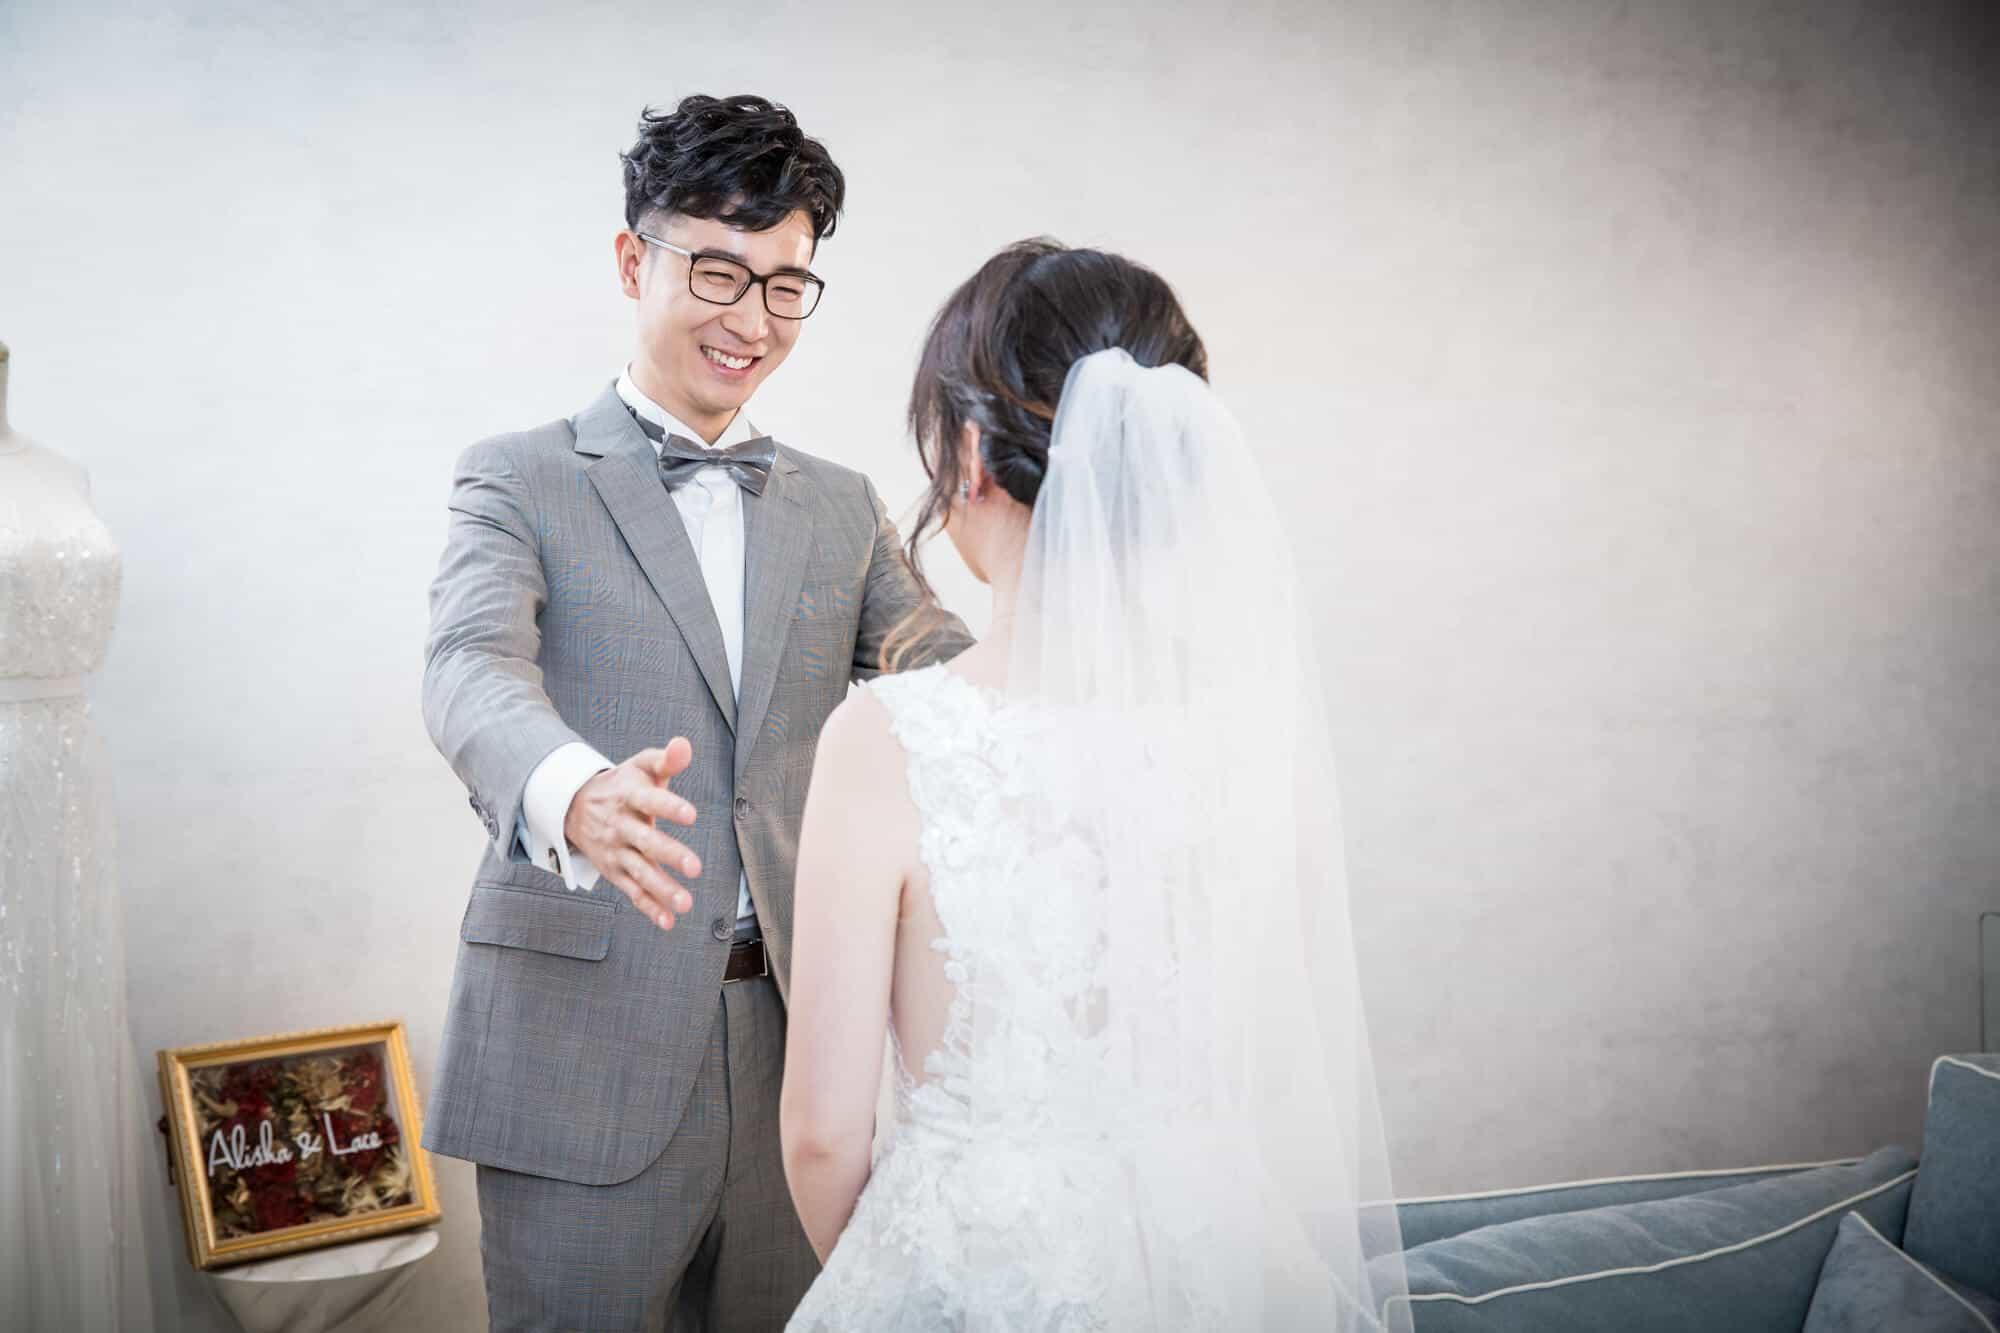 戶外婚禮, 婚禮, 婚顧, 昏禮佈置